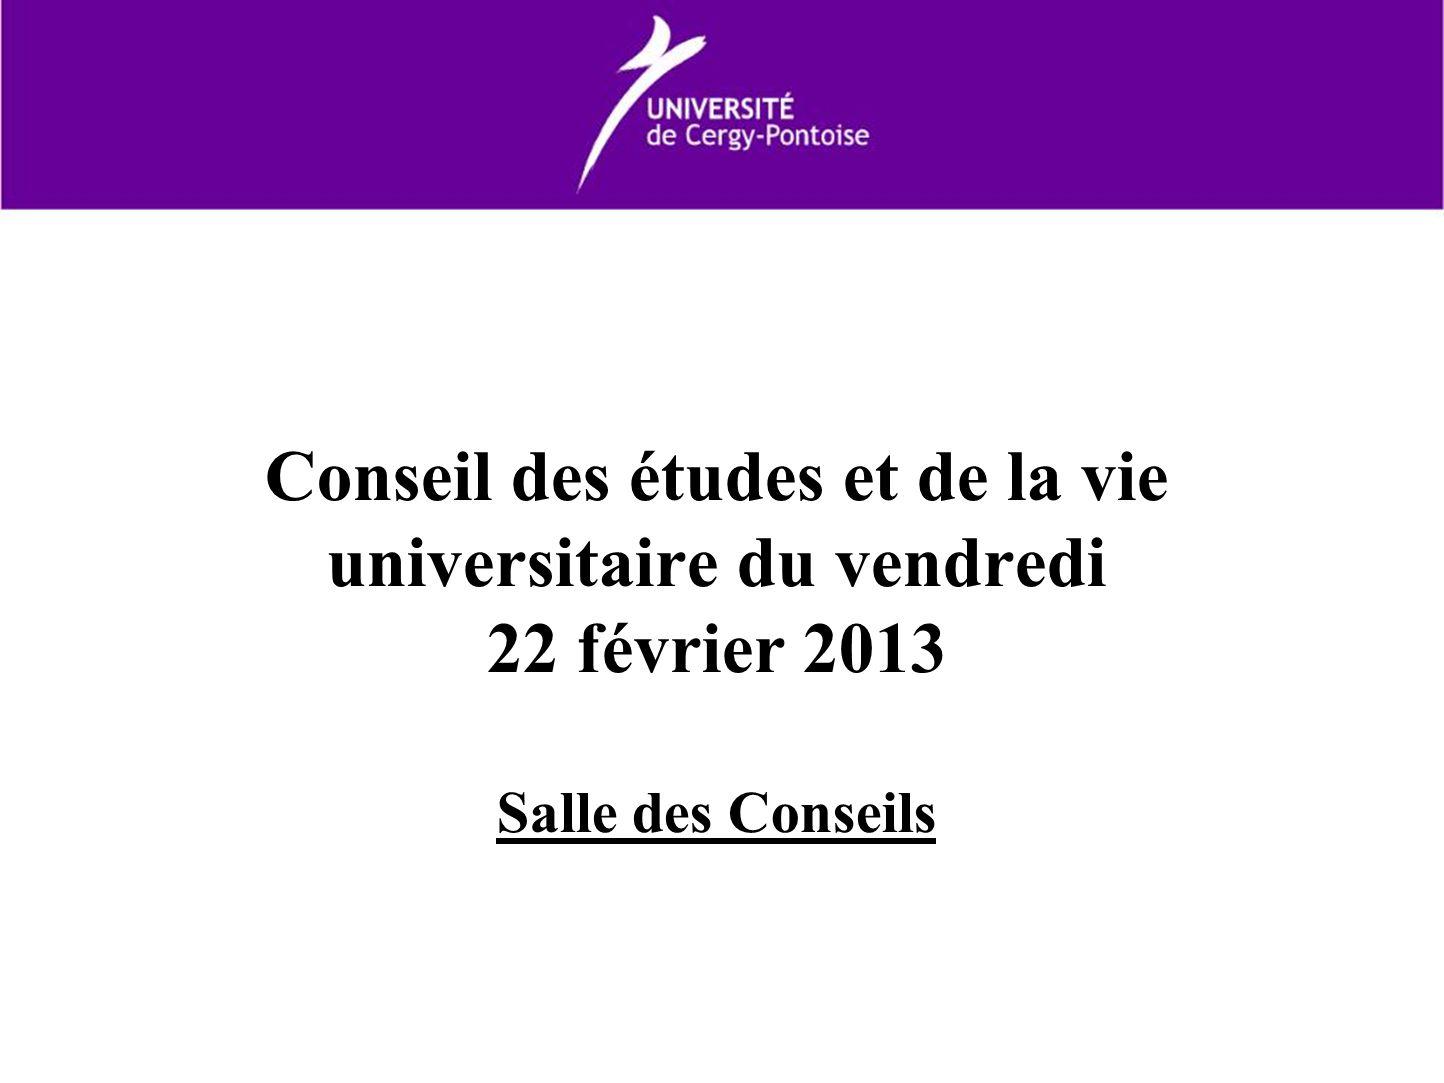 Conseil des études et de la vie universitaire du vendredi 22 février 2013 Salle des Conseils